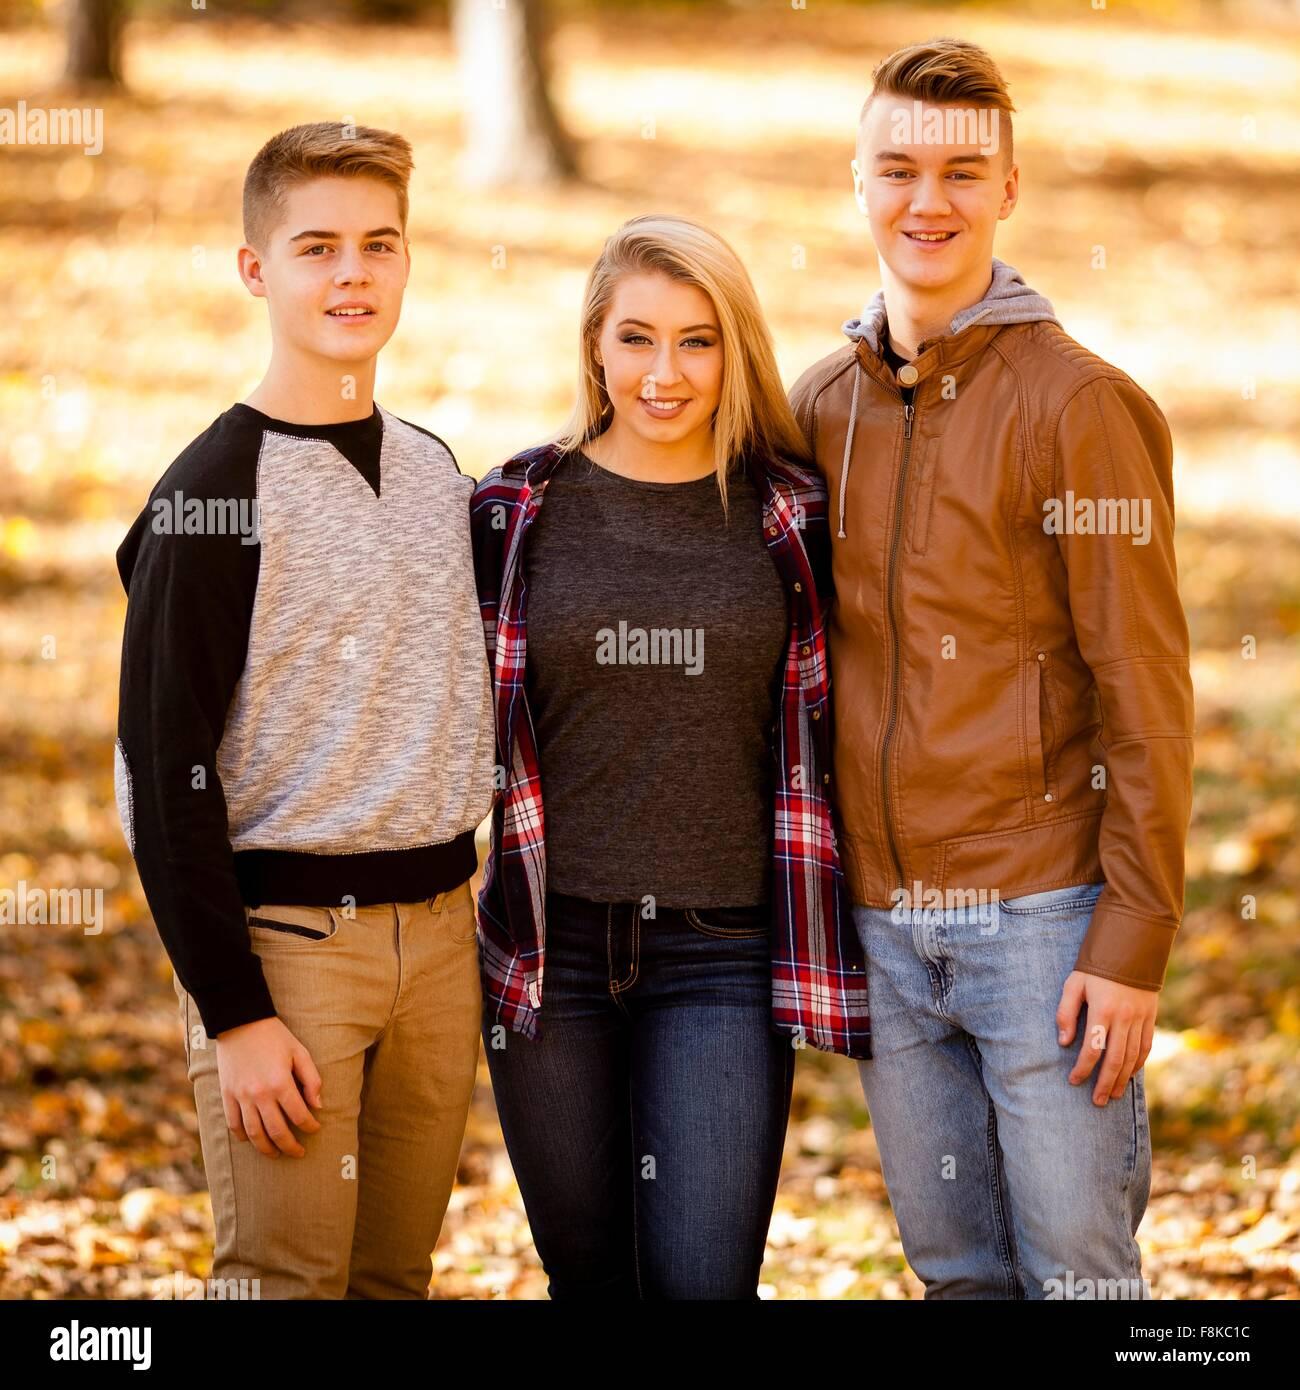 Porträt der jungen Frau und zwei Teenager-Brüder im herbstlichen Wald Stockfoto